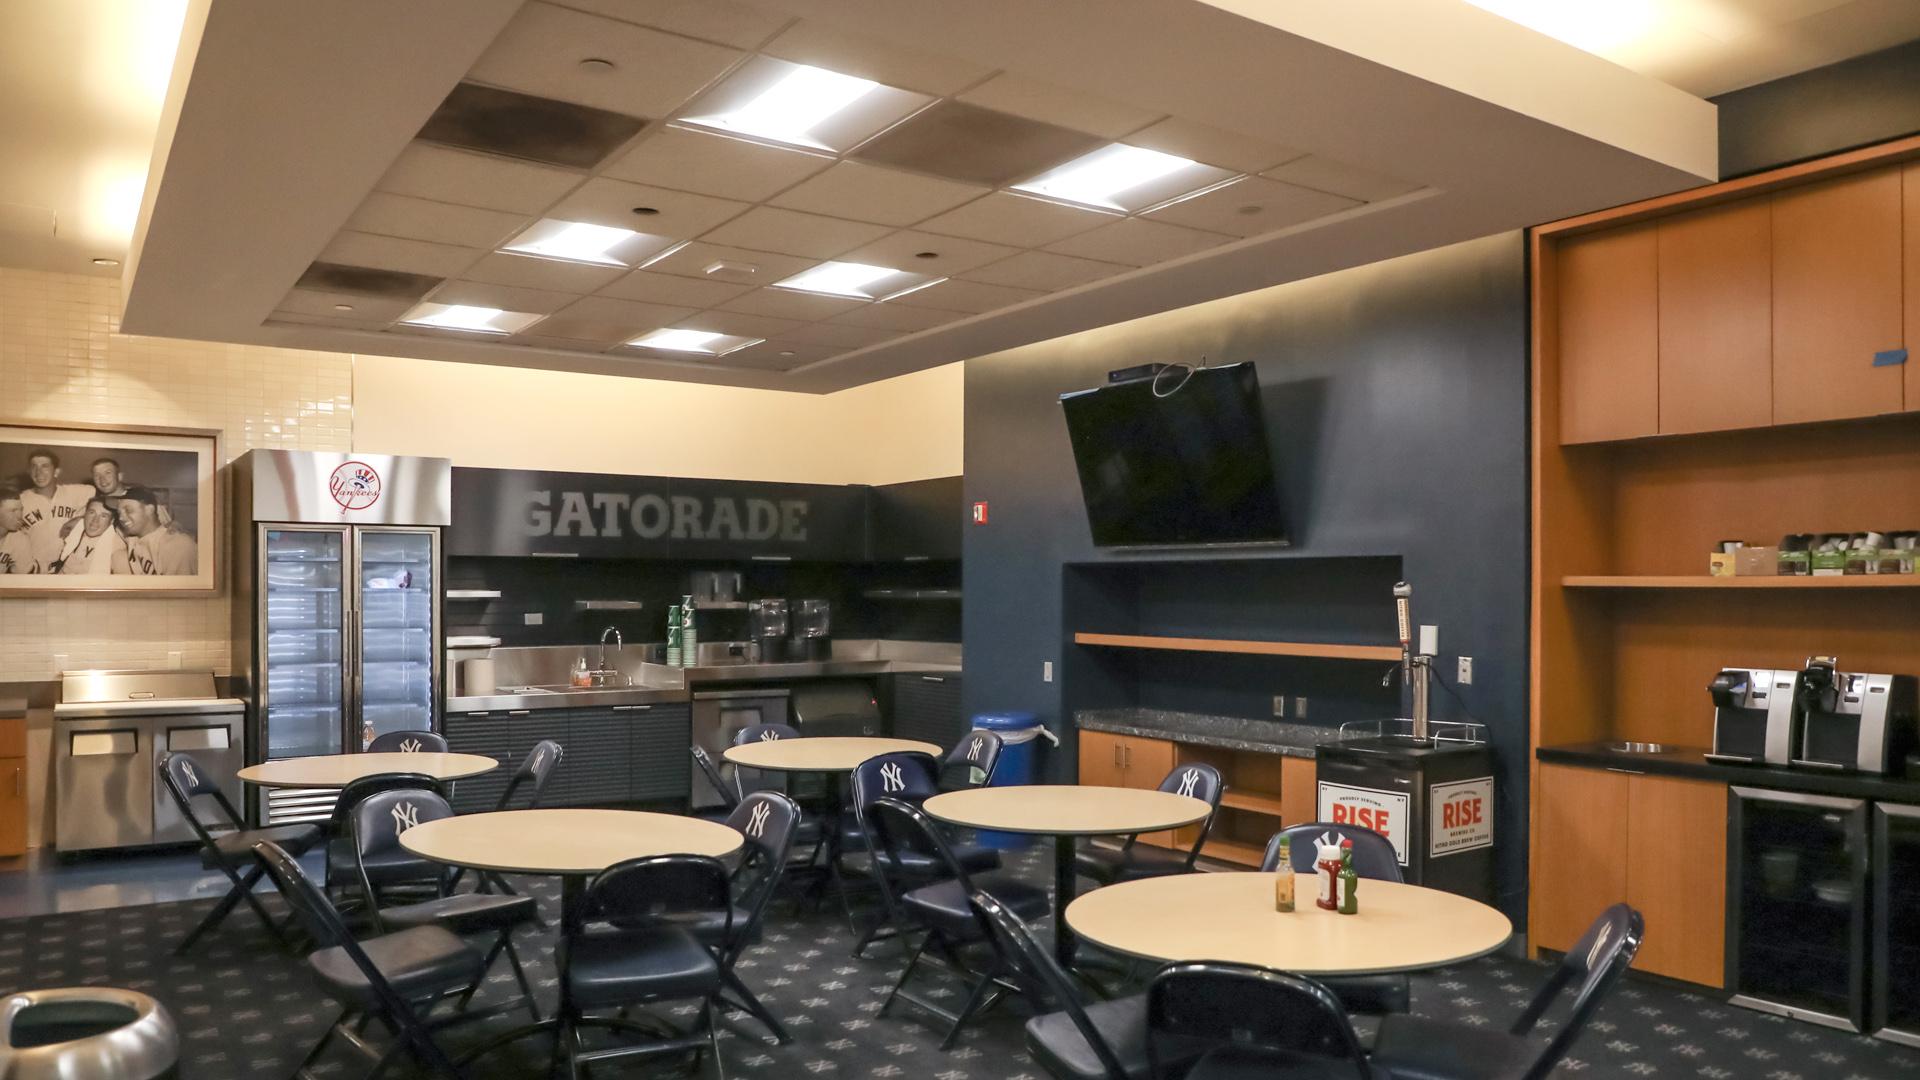 BEETLE in Yankees Cafeteria